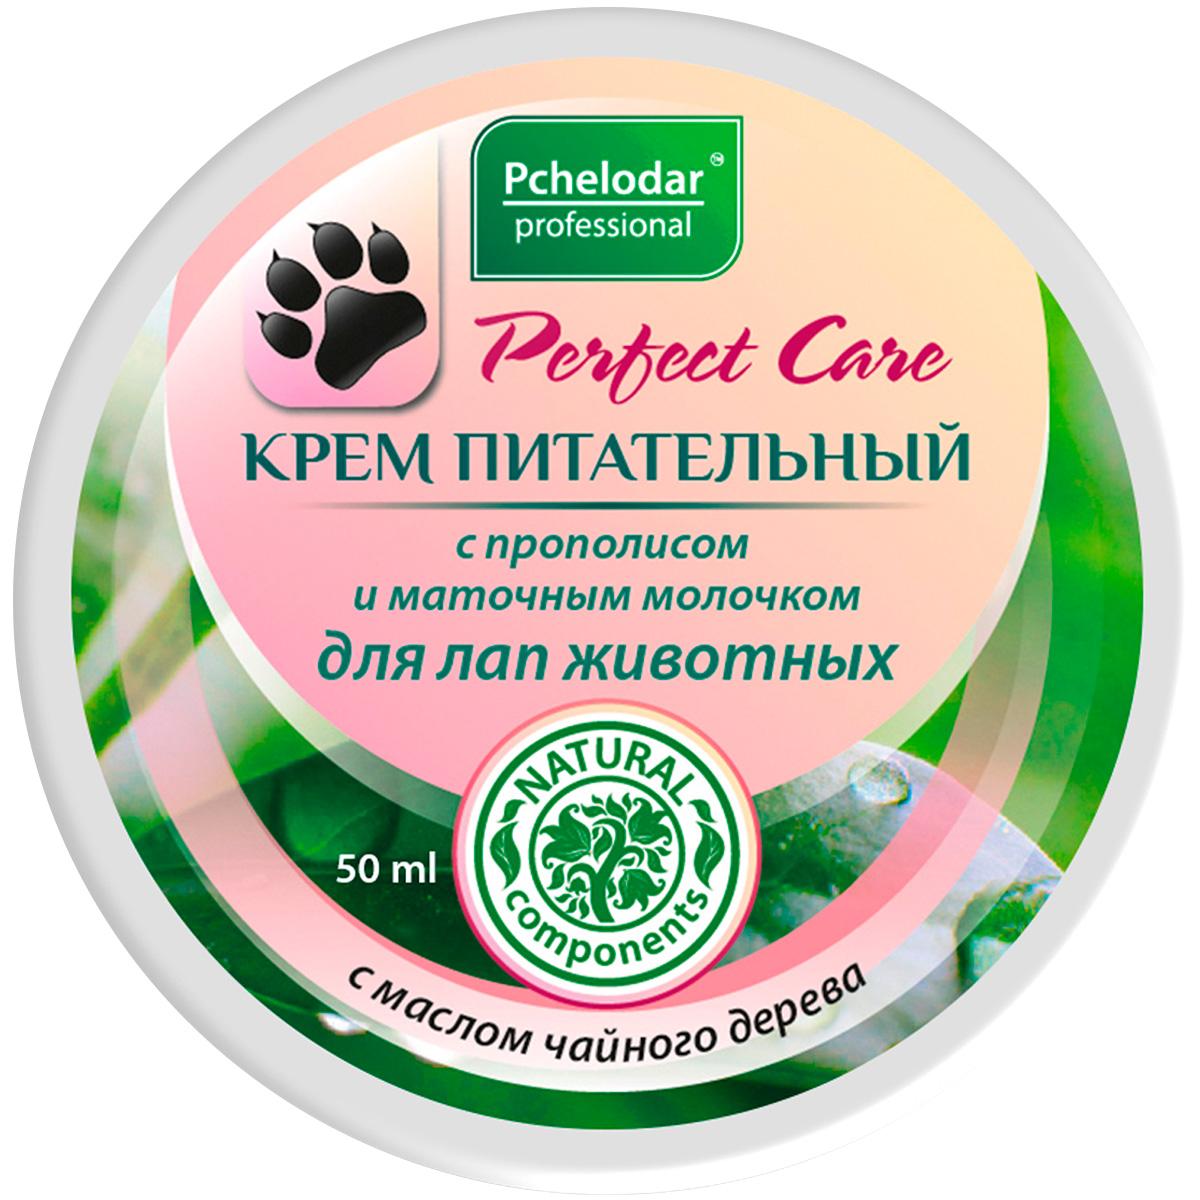 Пчелодар крем питательный для лап животных с прополисом и воском 50 мл (1 шт)